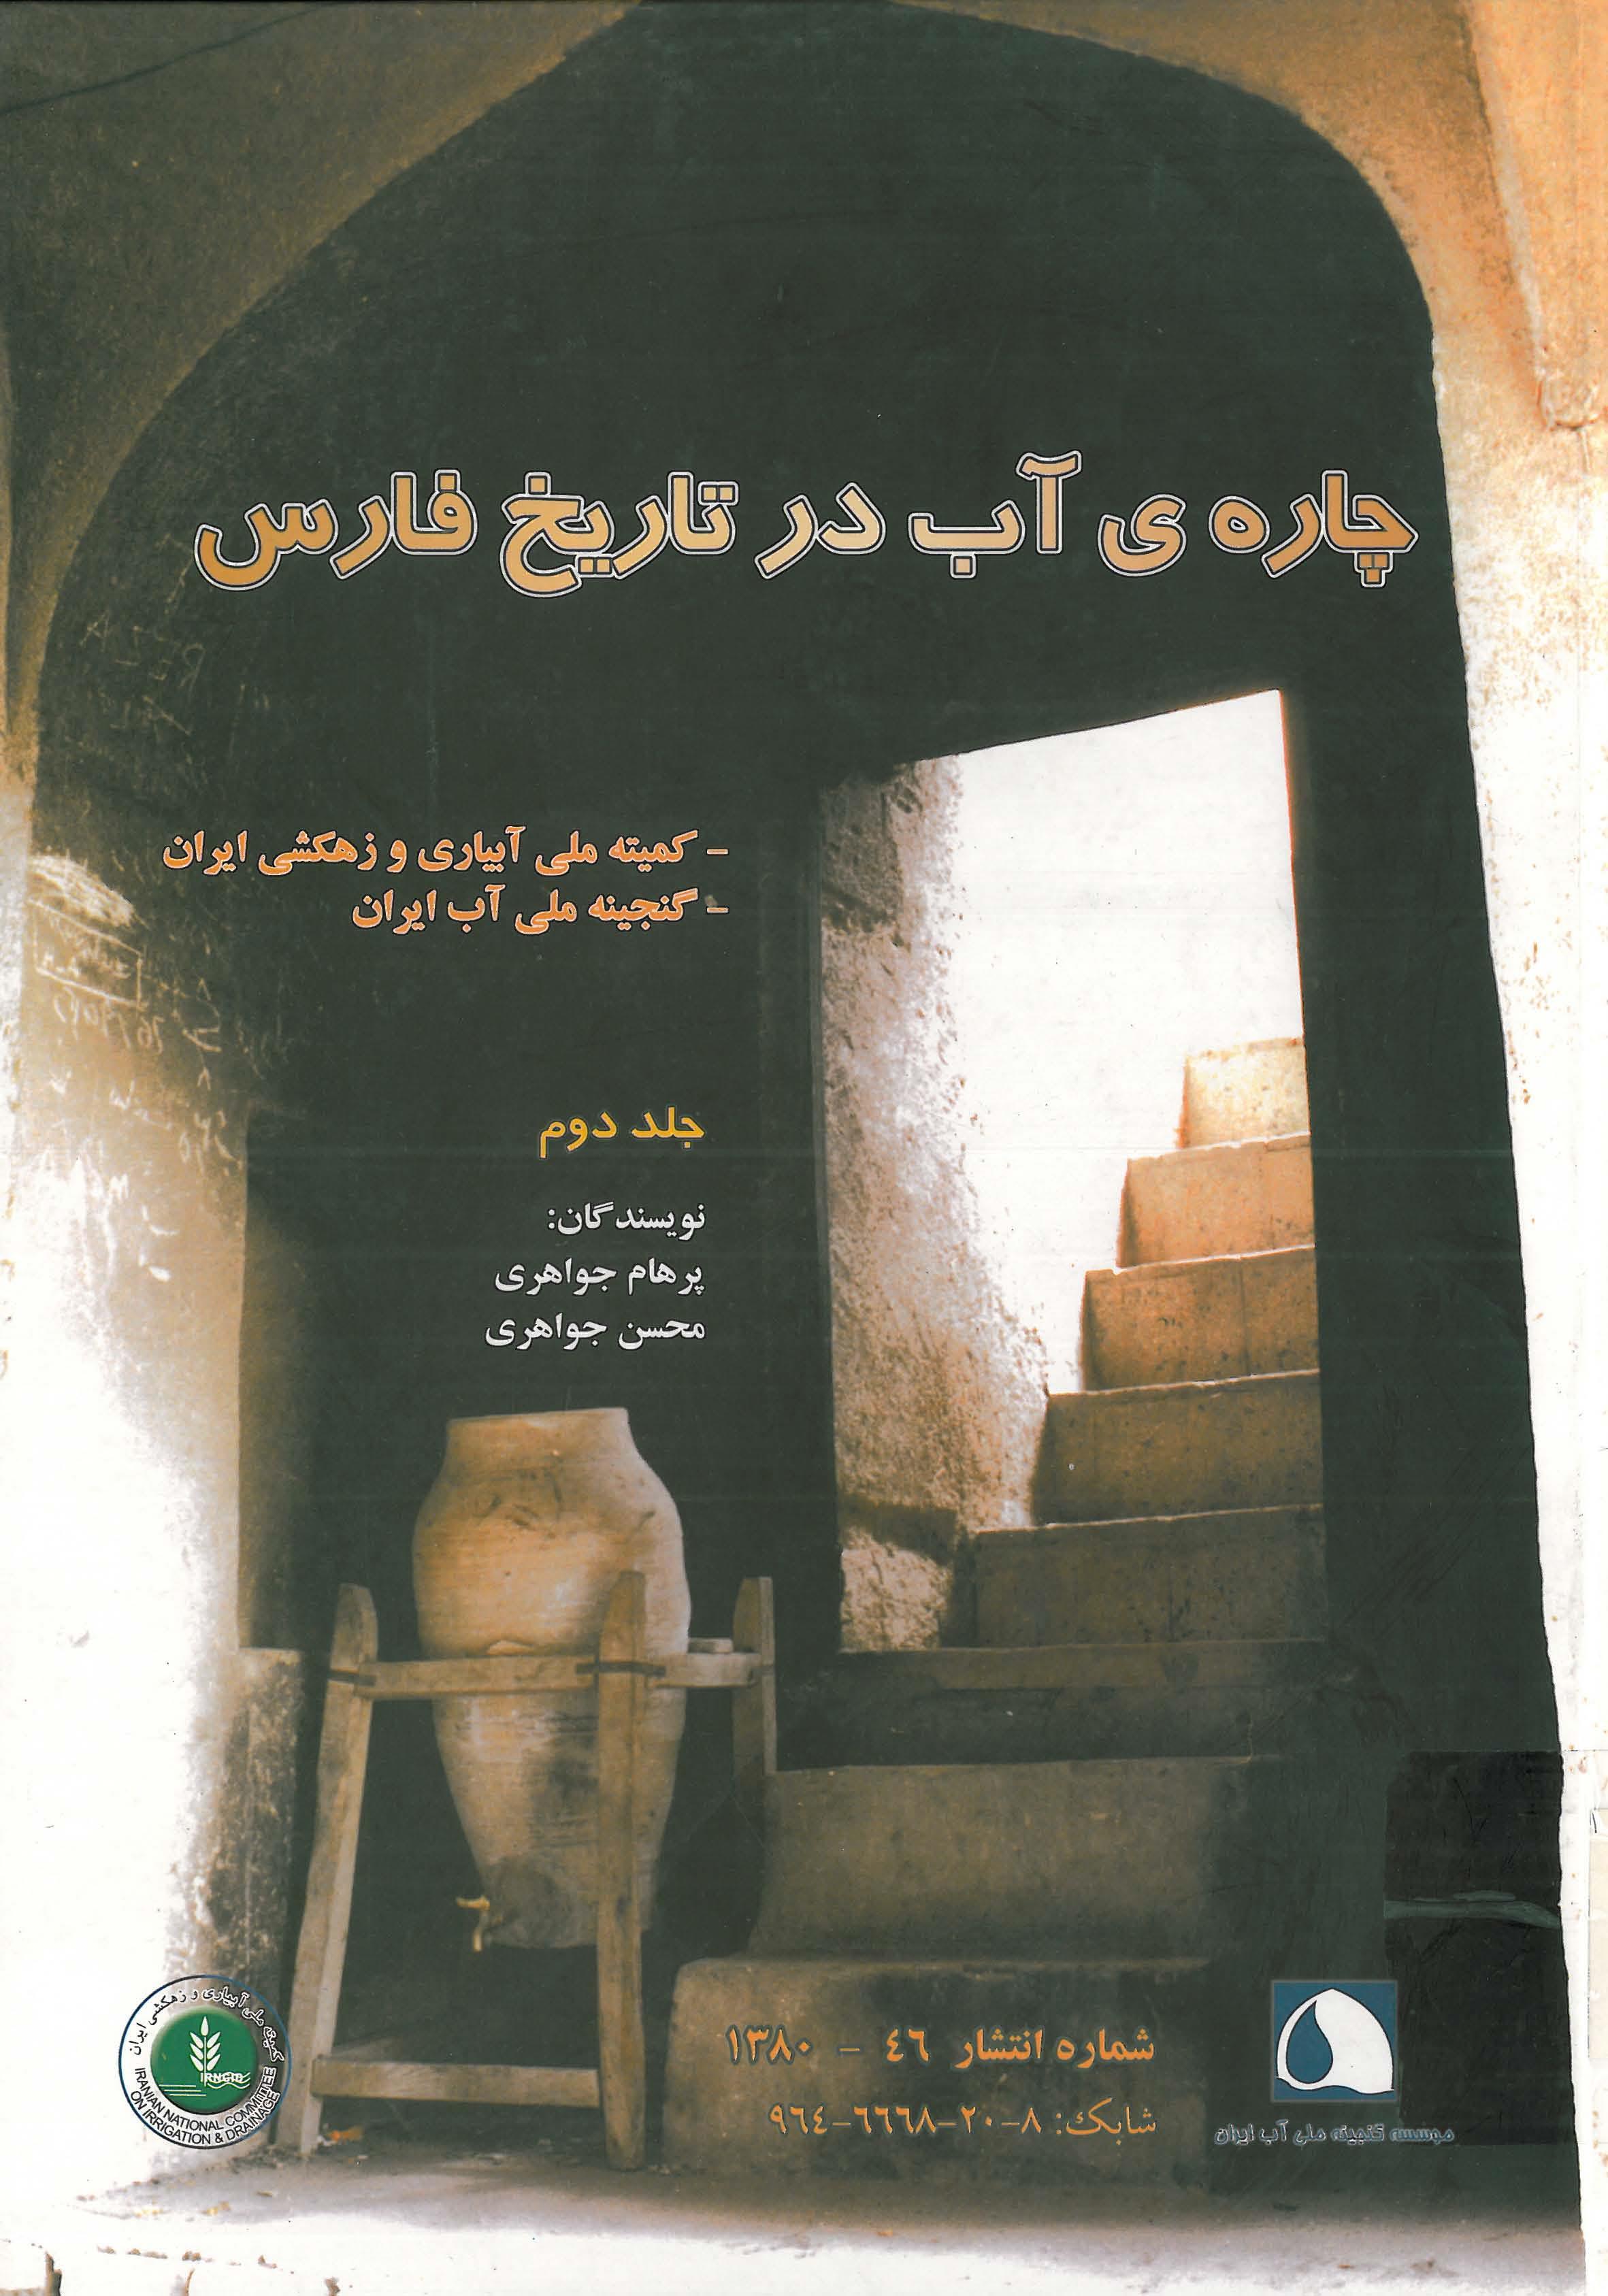 دانلود کتاب کشاورزی چاره آب در تاریخ فارس